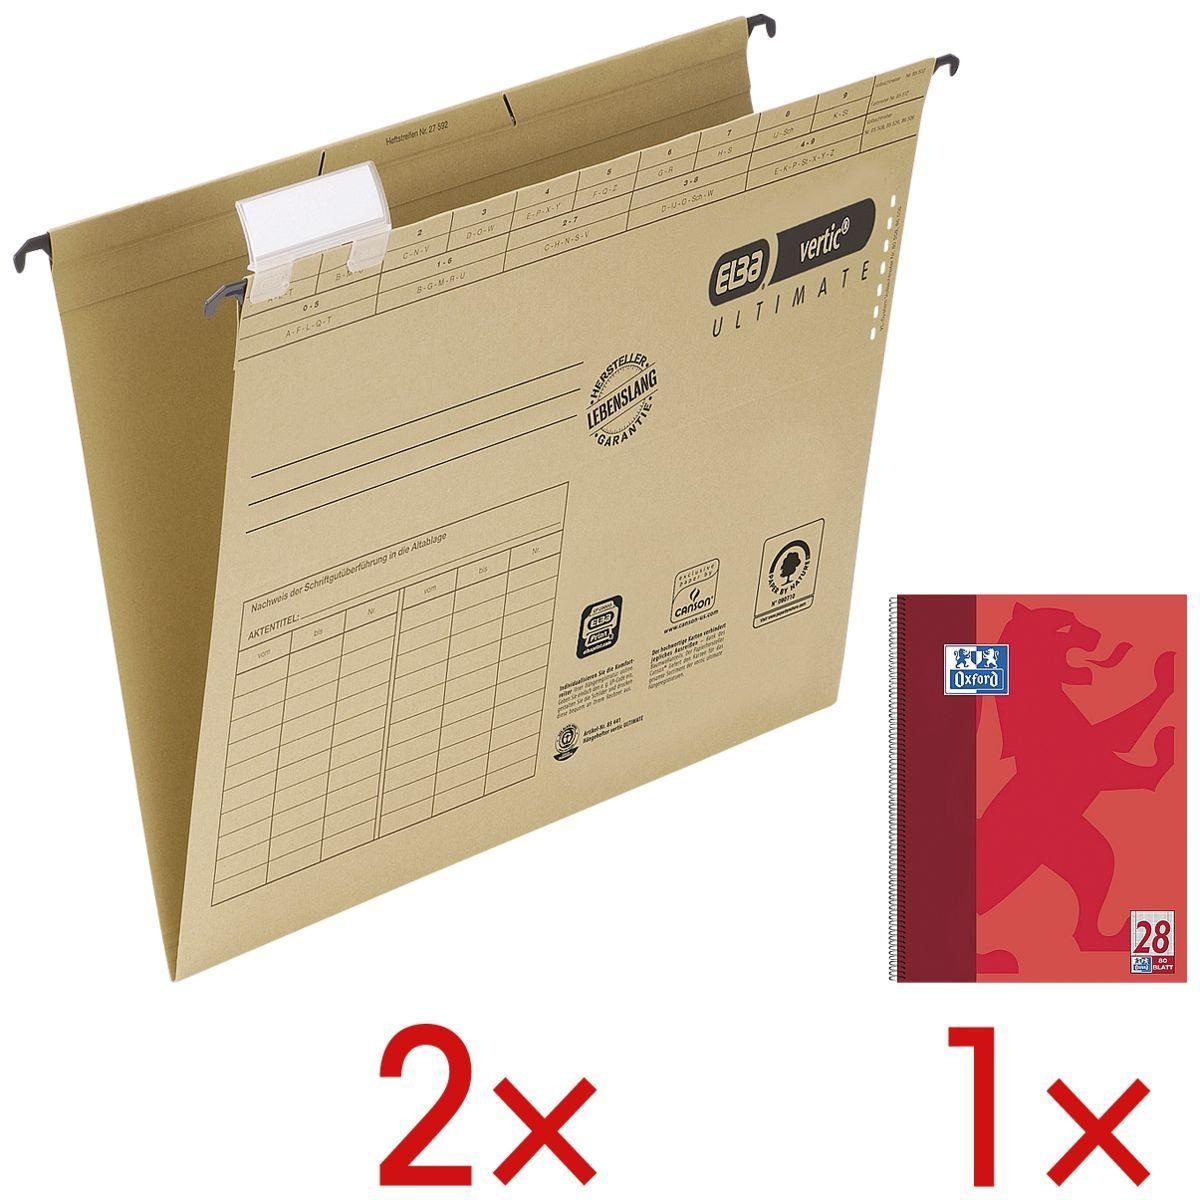 Elba 2er-Pack Hängemappen inkl. 1 Collegeblock »vertic ULTIMATE« 1 Set